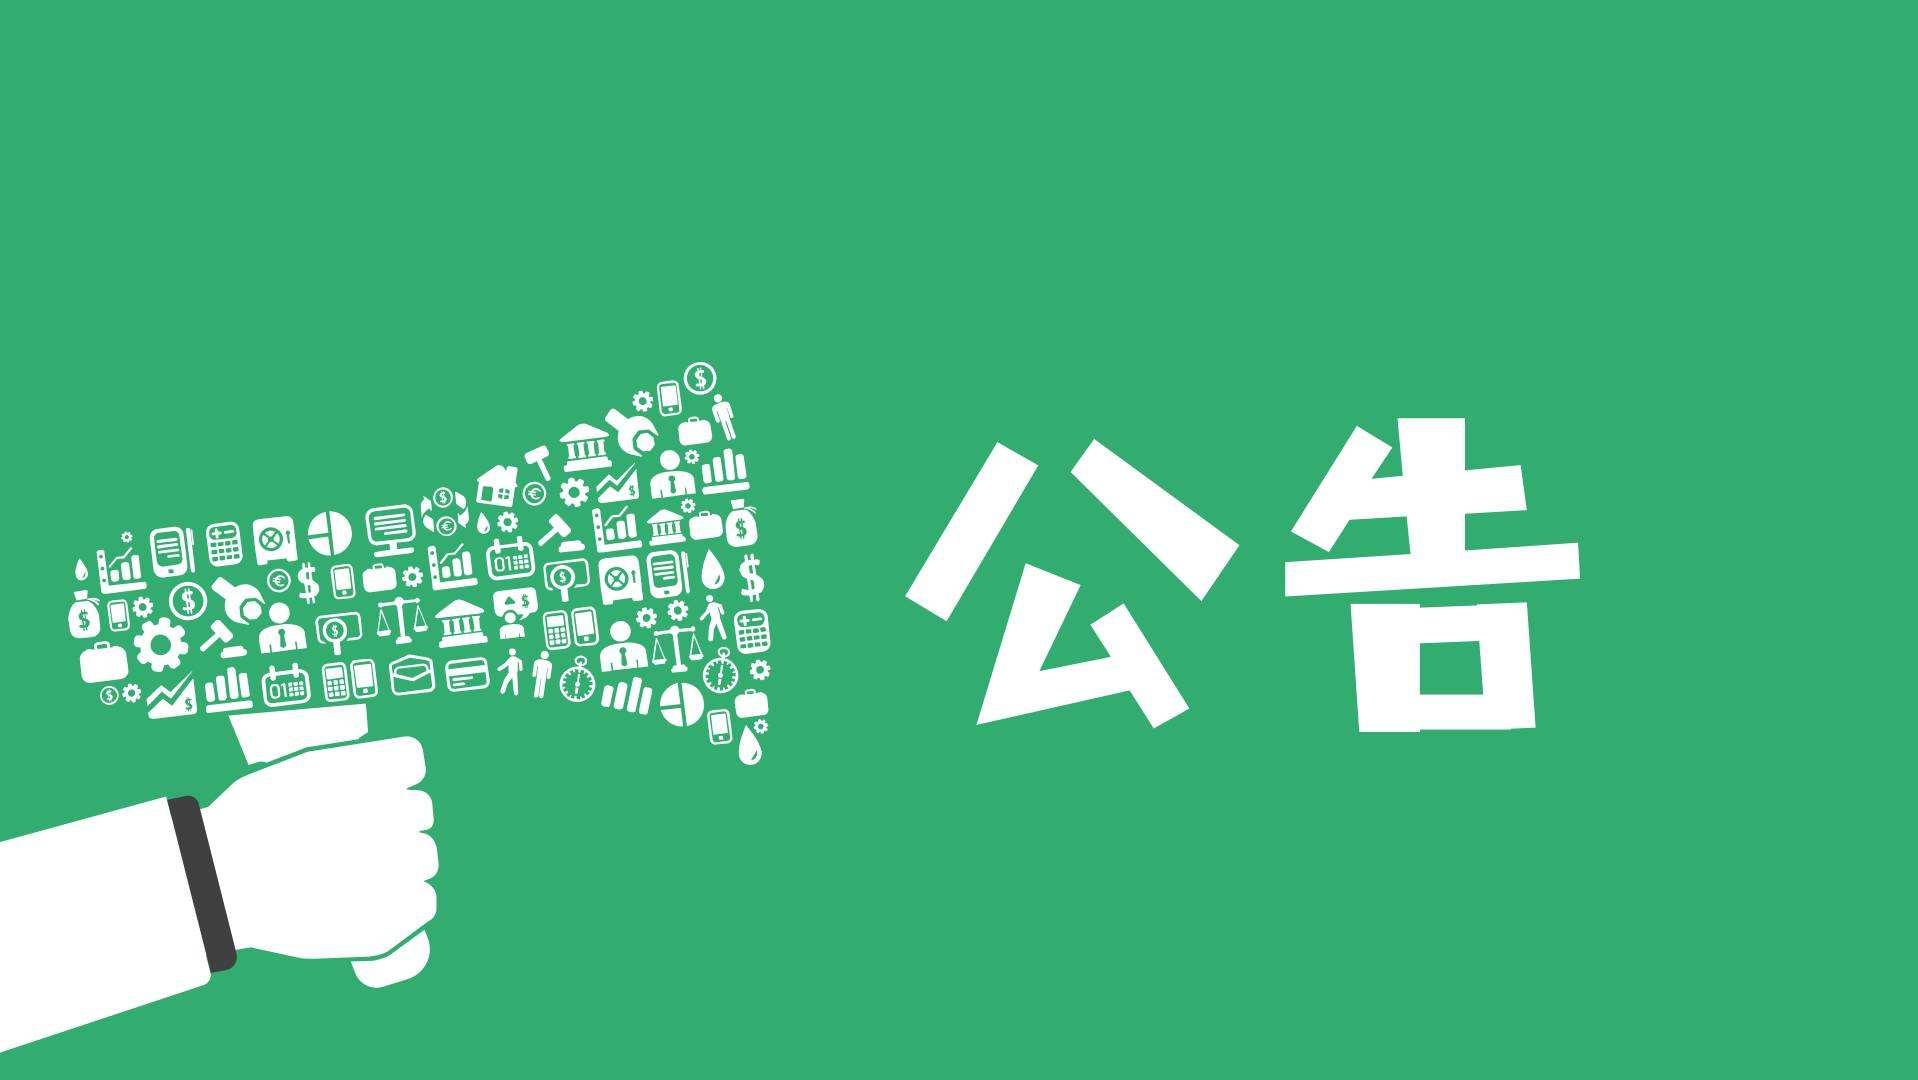 重庆市教育考试院关于2019年高等教育自学考试报名的通告